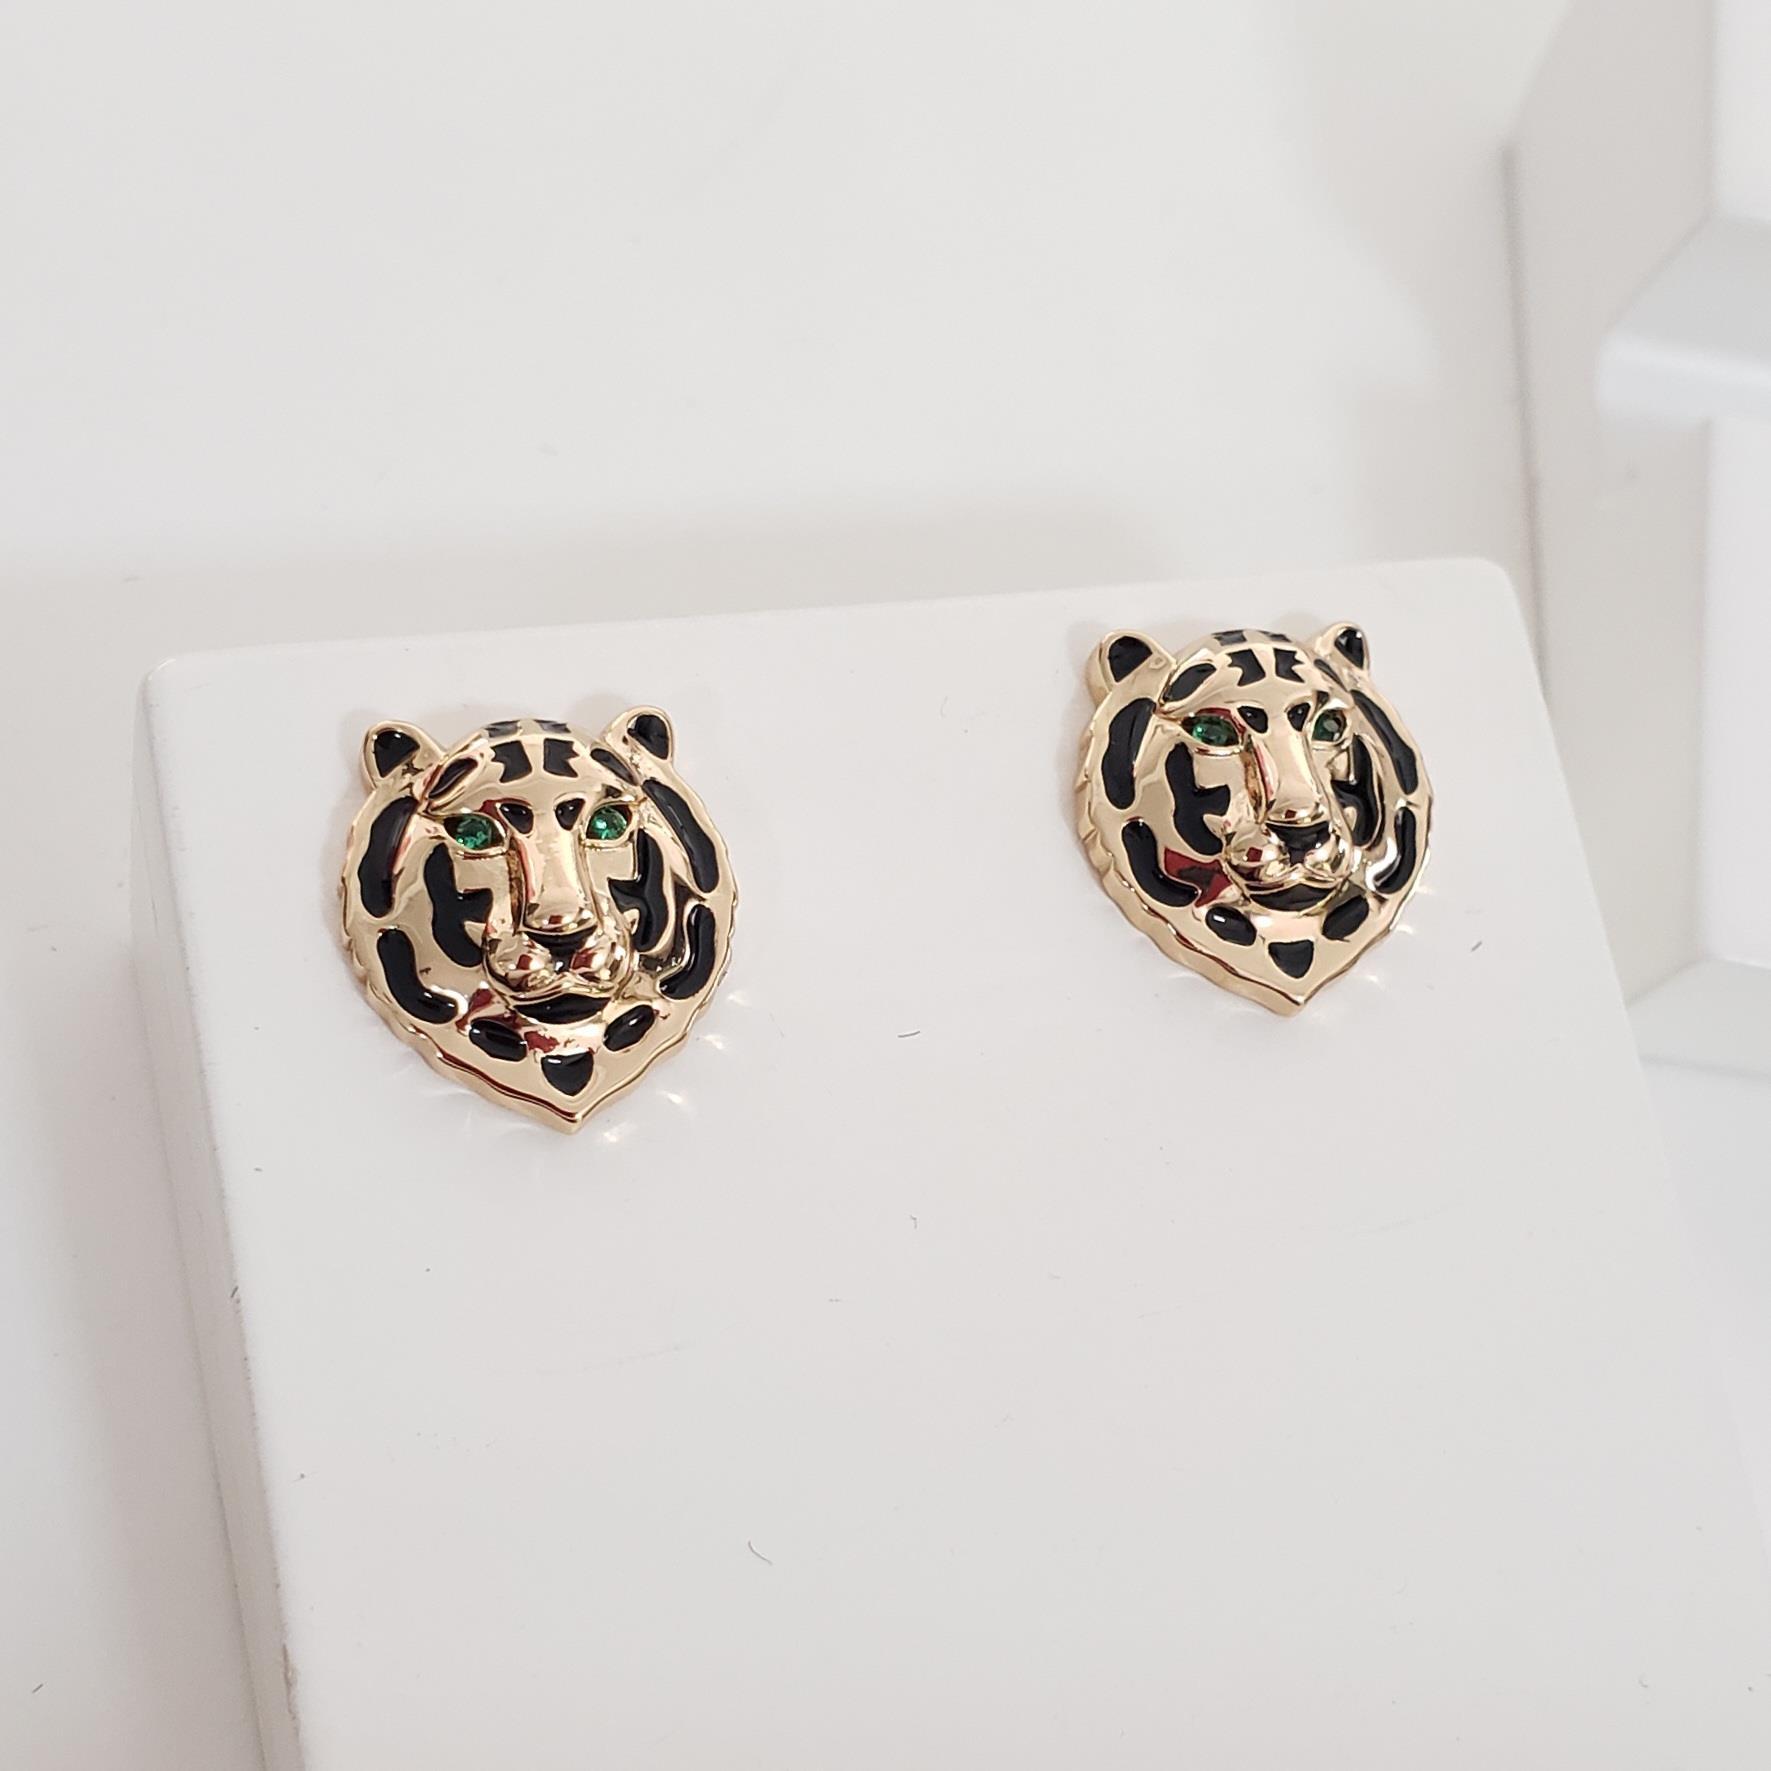 Brinco Botão Cabeça Leopardo Esmaltada Preto no Banho Ouro 18k Semijoia